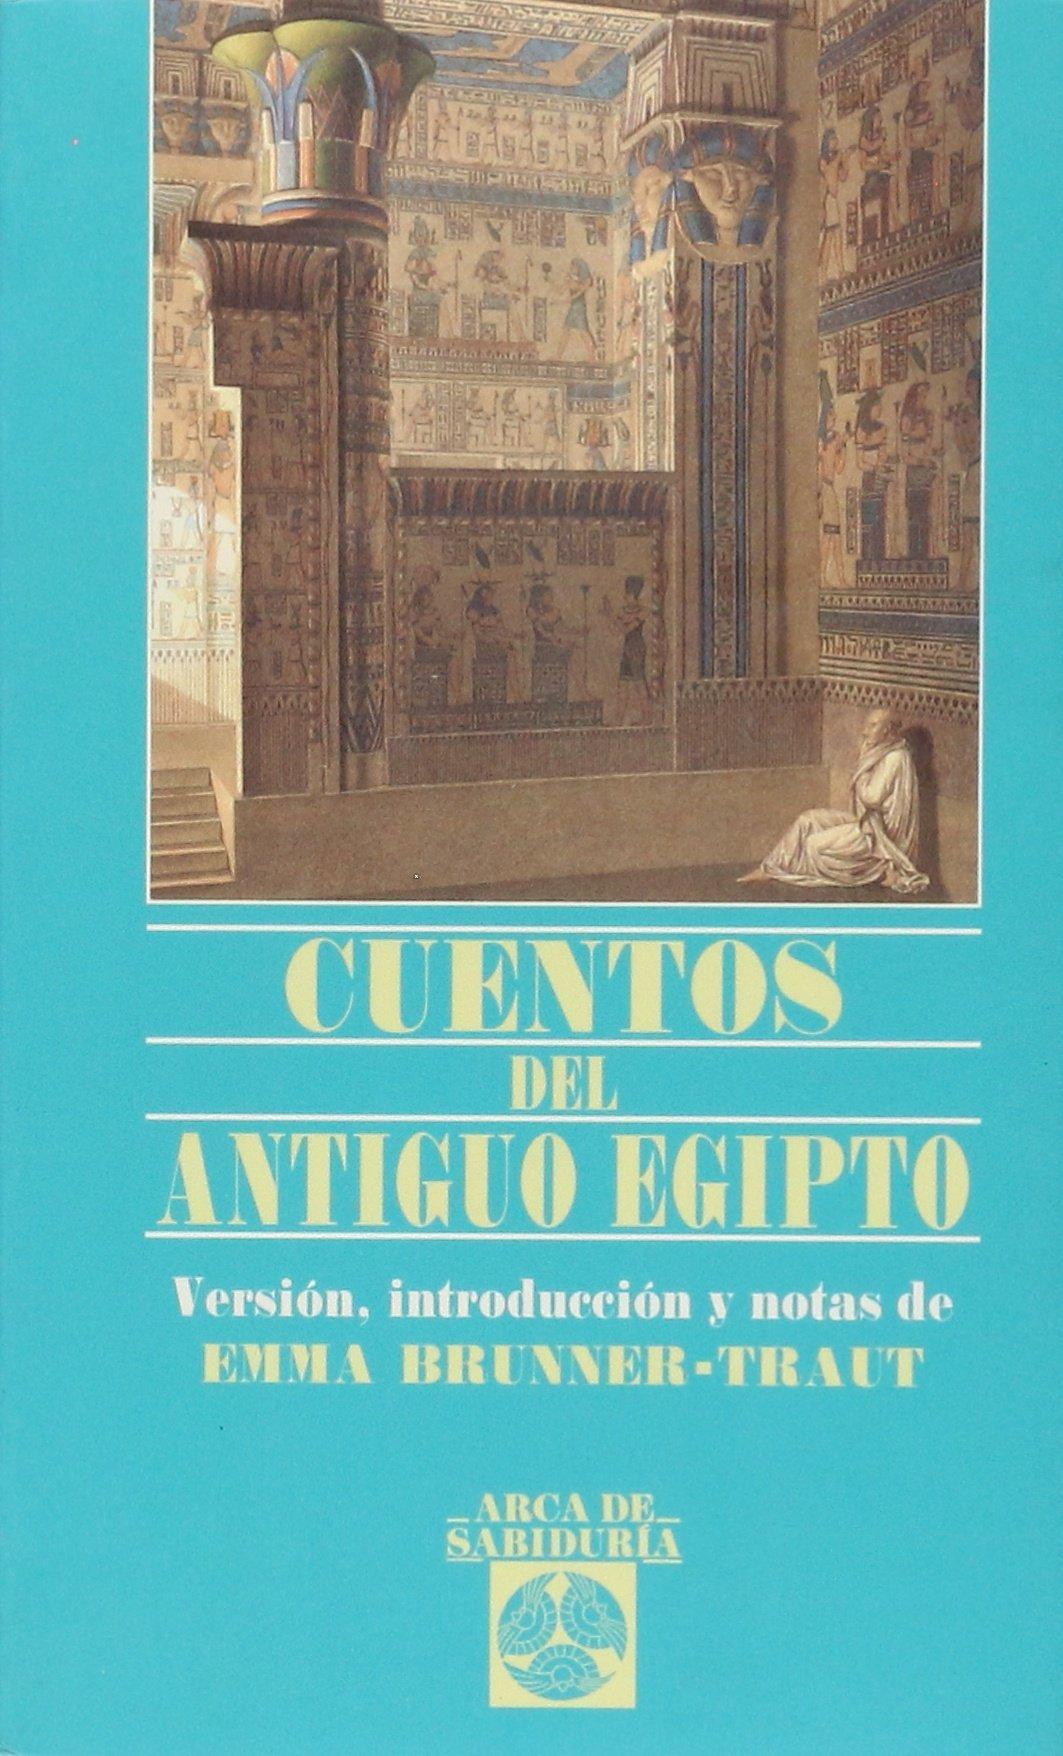 Cuentos Del Antiguo Egipto (Arca de Sabiduría): Amazon.es: Emma Brunner-Traut, Pablo Villadangos: Libros